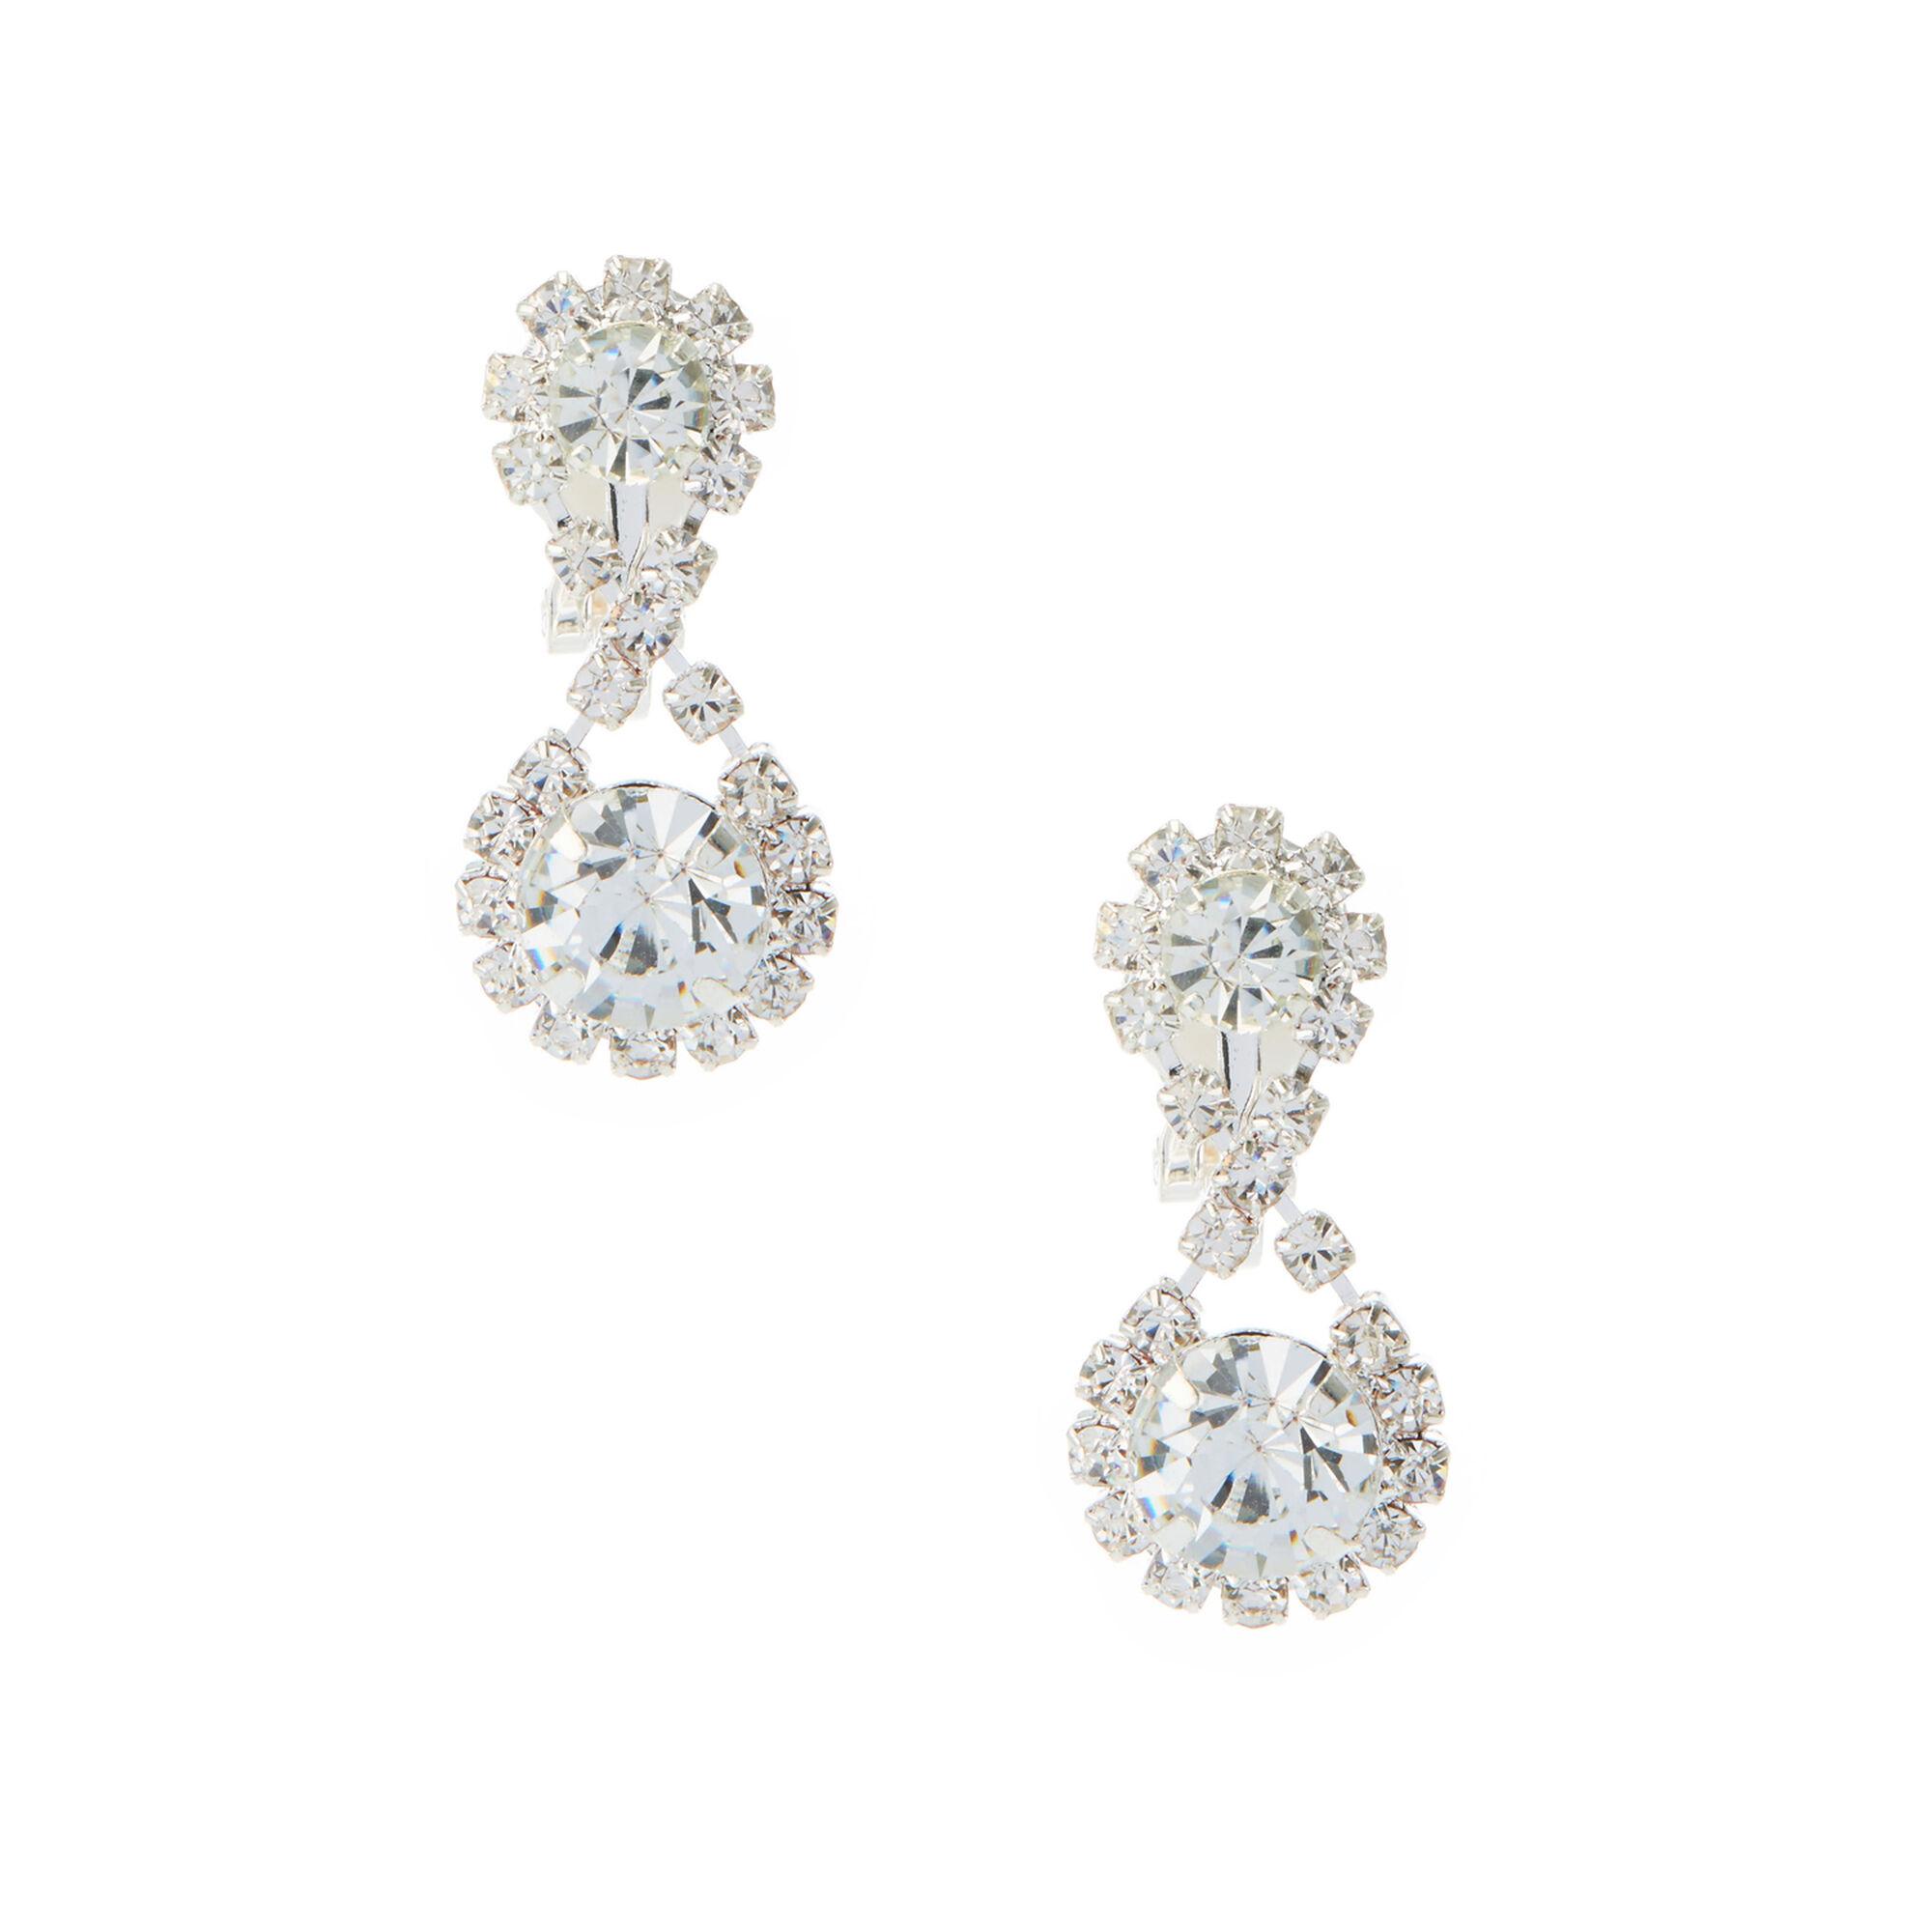 Glam Silver Clip On Drop Earrings